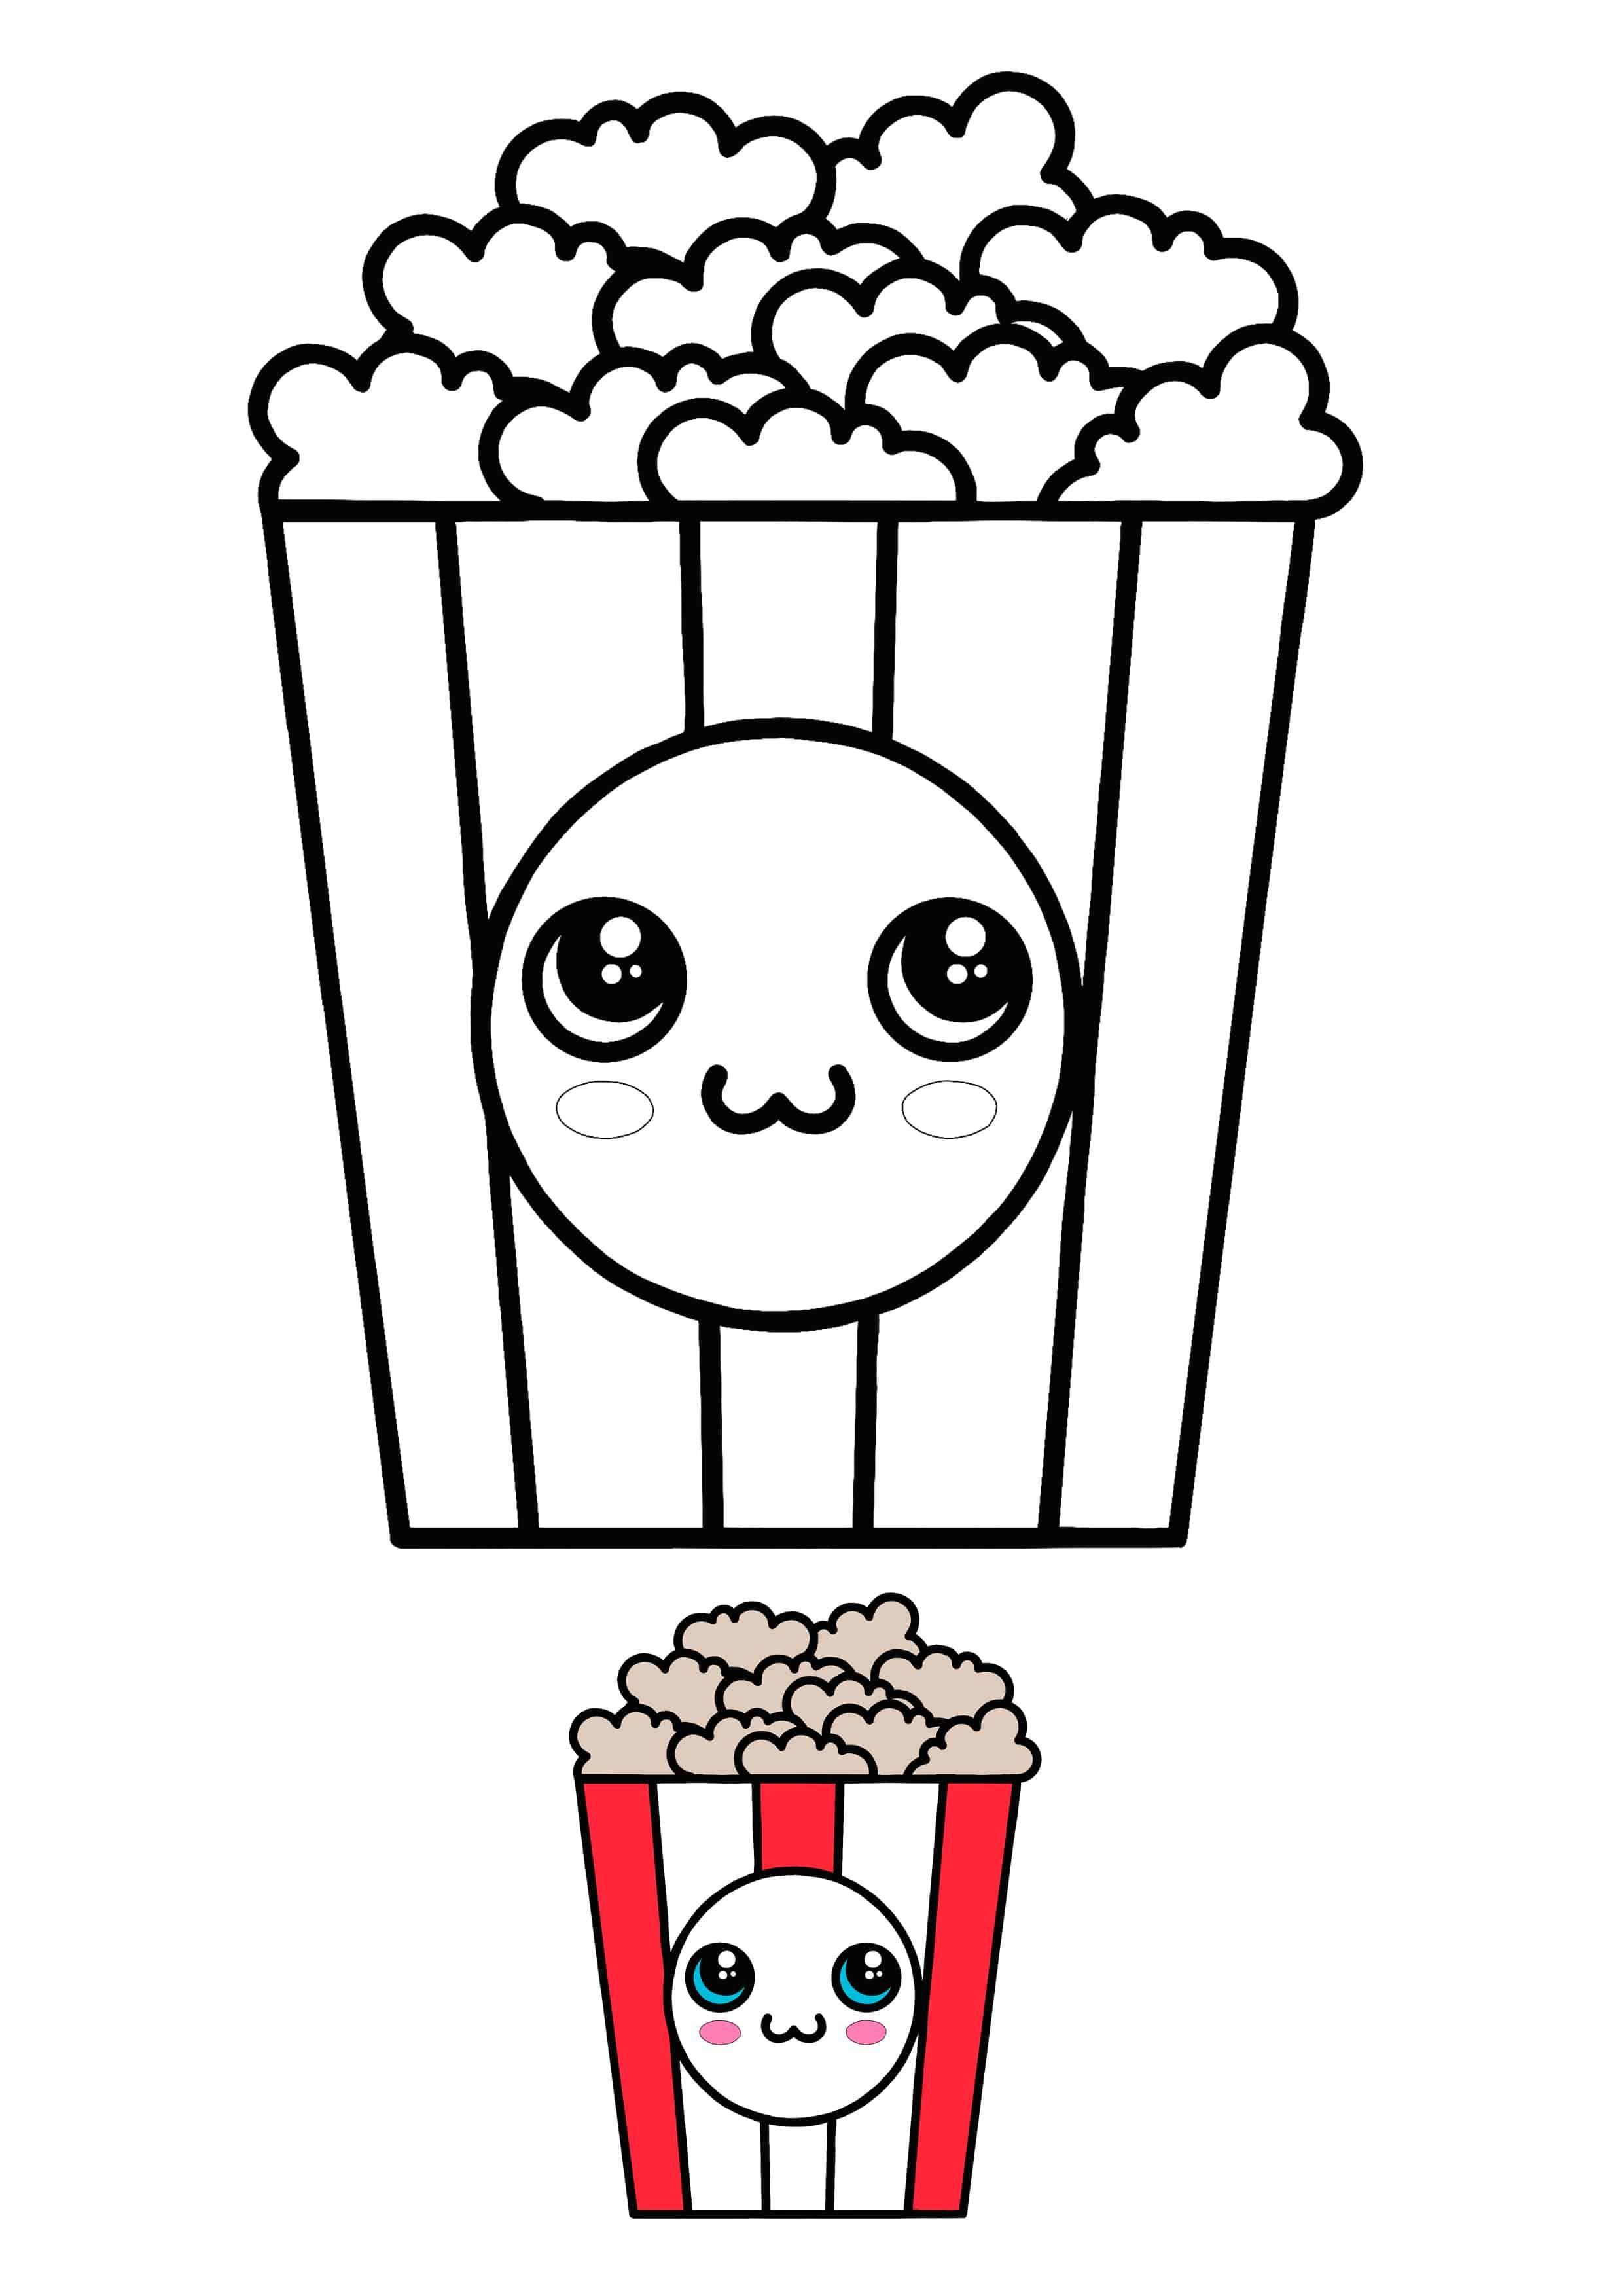 Popcorn Colouring Pages : popcorn, colouring, pages, Kawaii, Popcorn, Coloring, Sheet, Pages,, Colored, Popcorn,, Printable